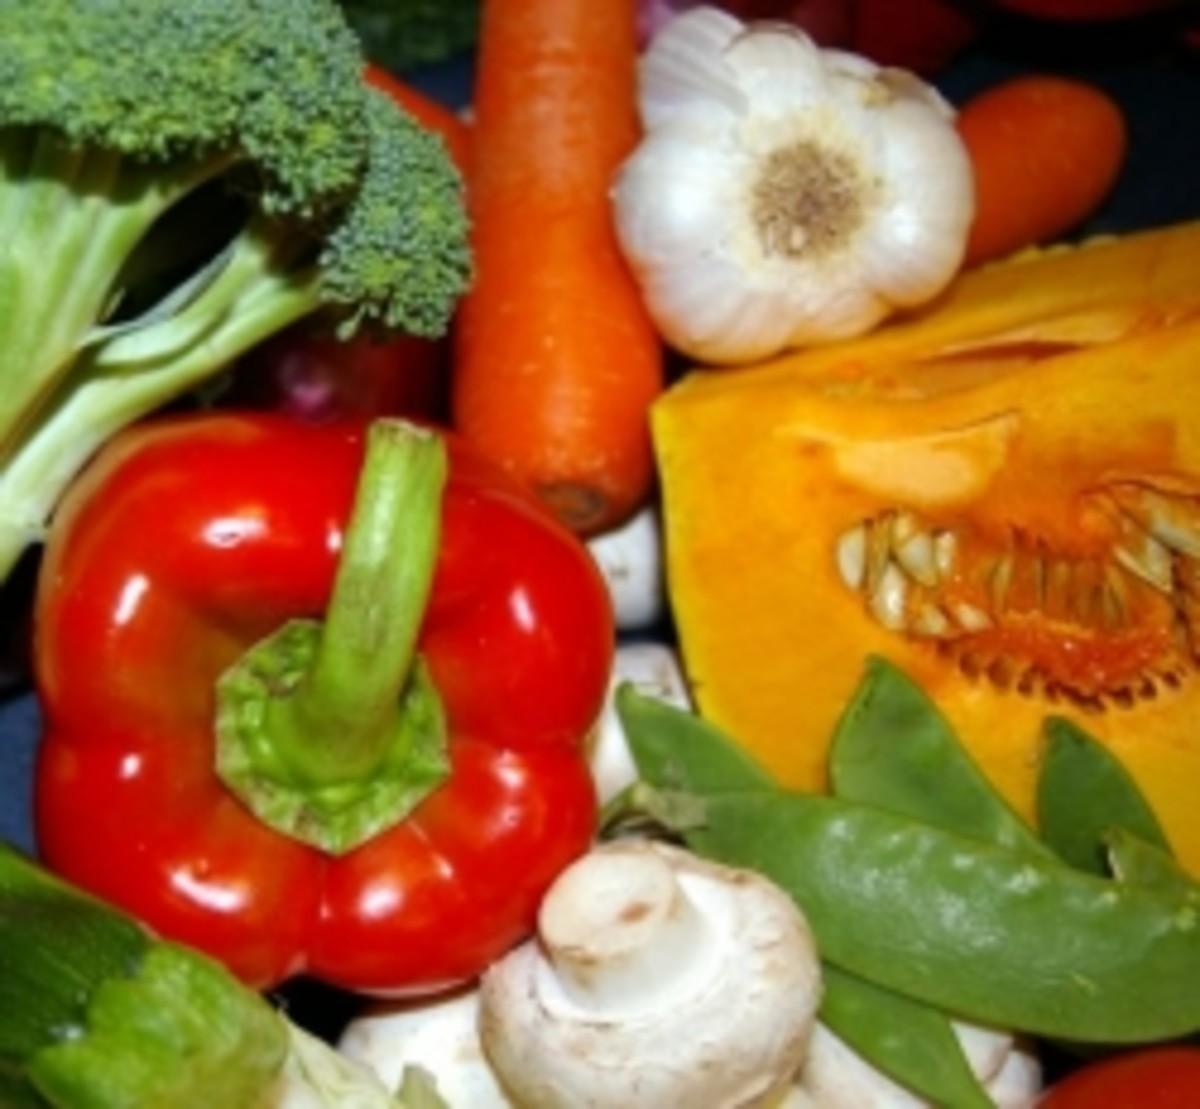 choosing vegetables to grow